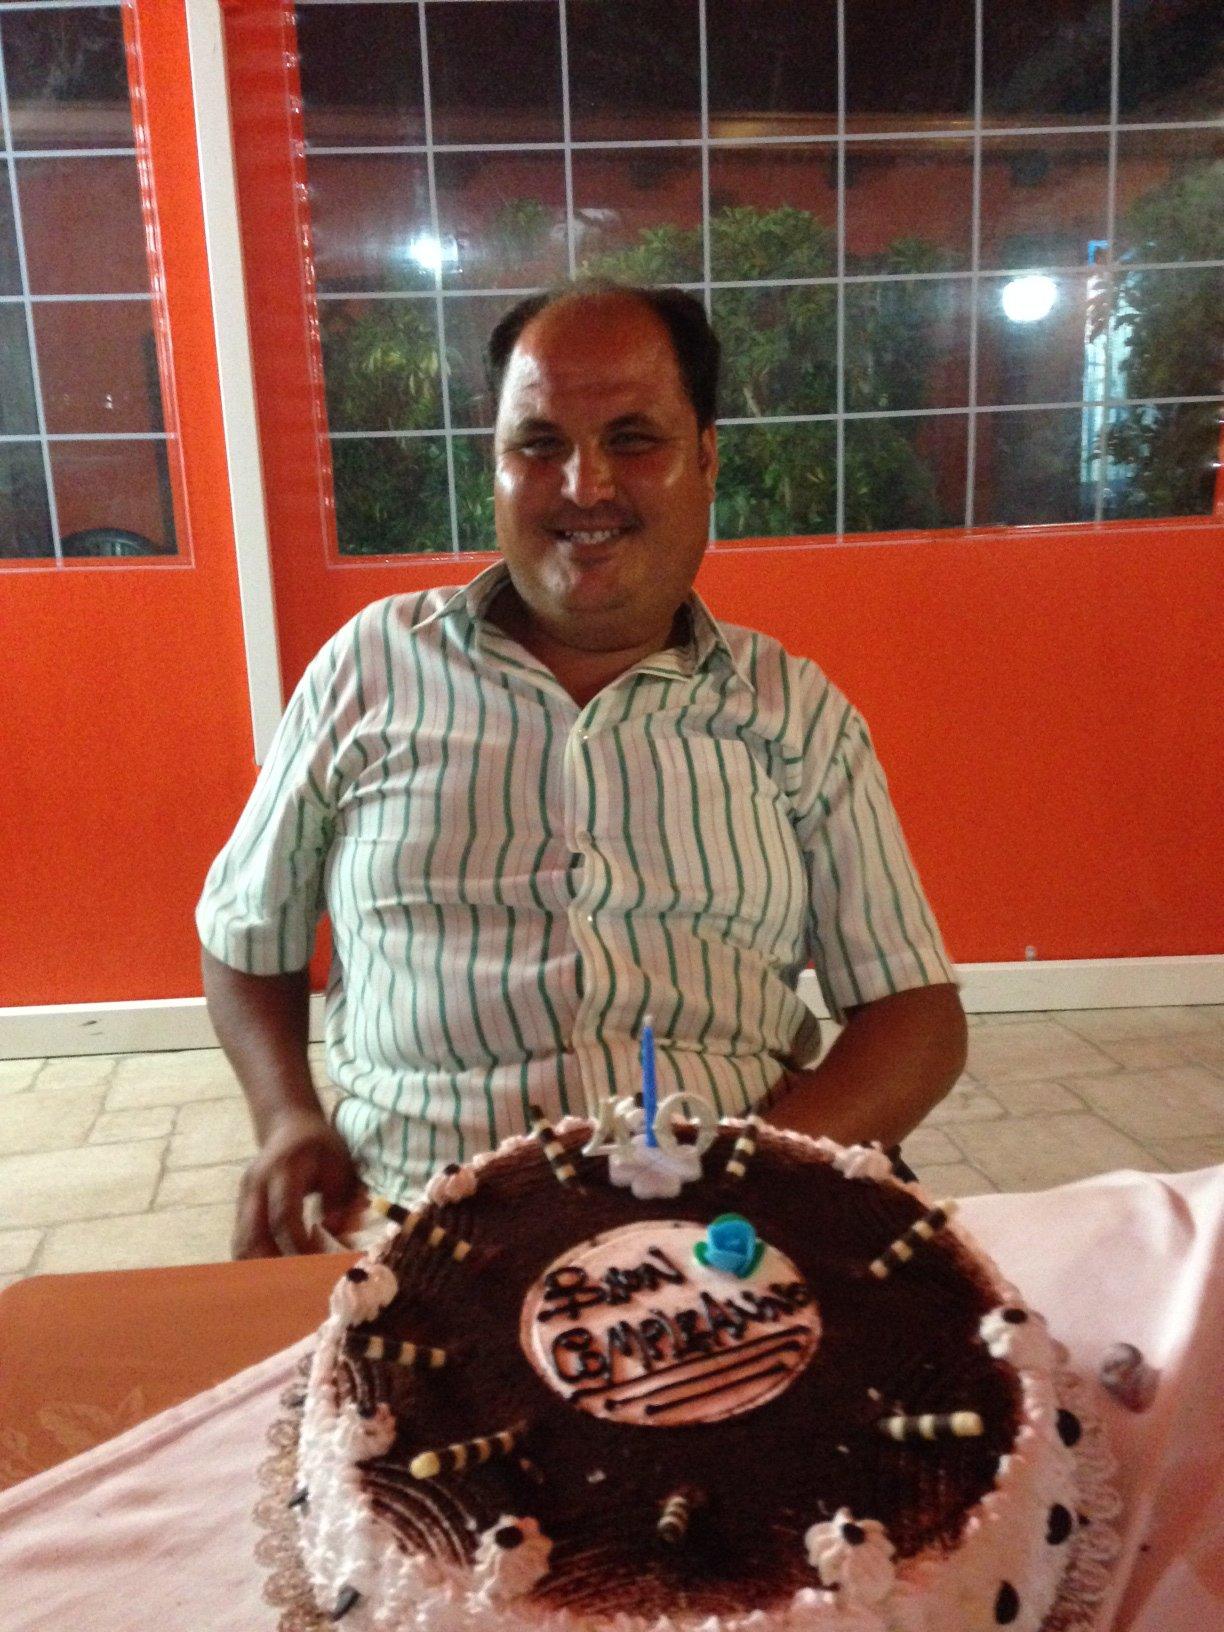 https://www.ragusanews.com//immagini_articoli/11-09-2014/1410421375-2-lo-spread-non-ferma-i-festeggiamenti-per-i-40-anni-di-marcello.jpg